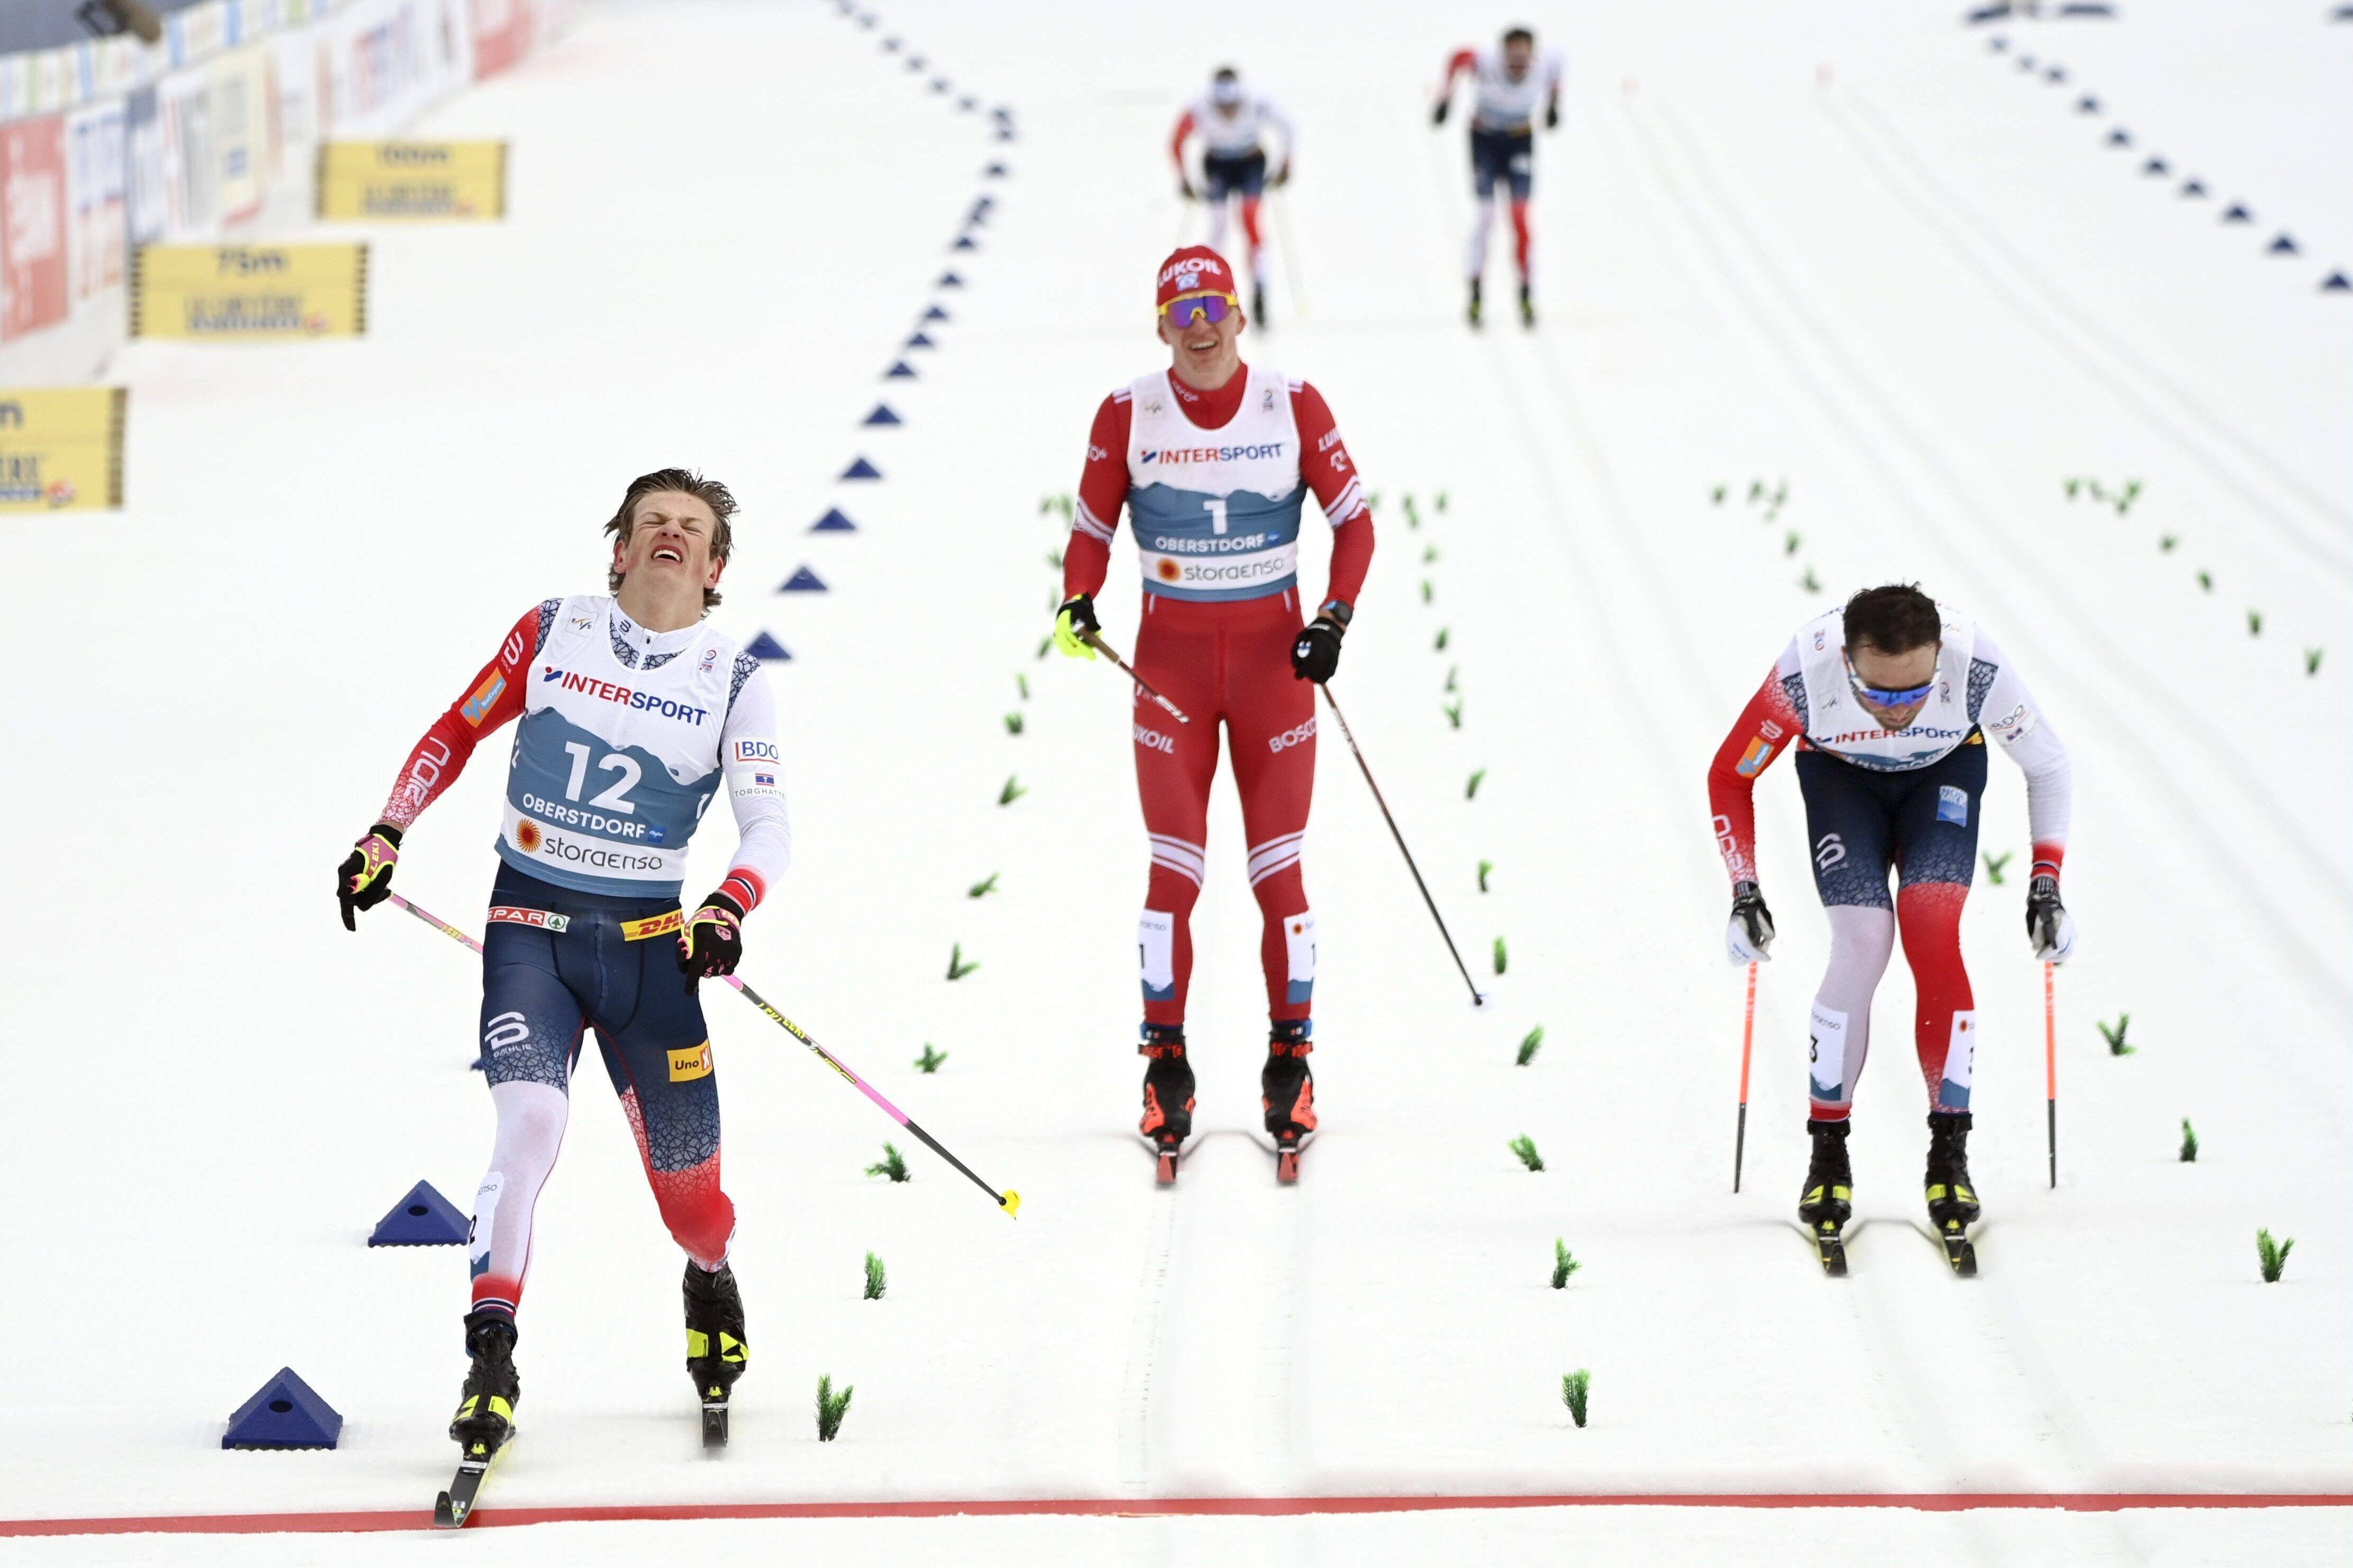 Лыжницы Карлссон: 'Клебо поступил правильно, отозвав апелляцию'